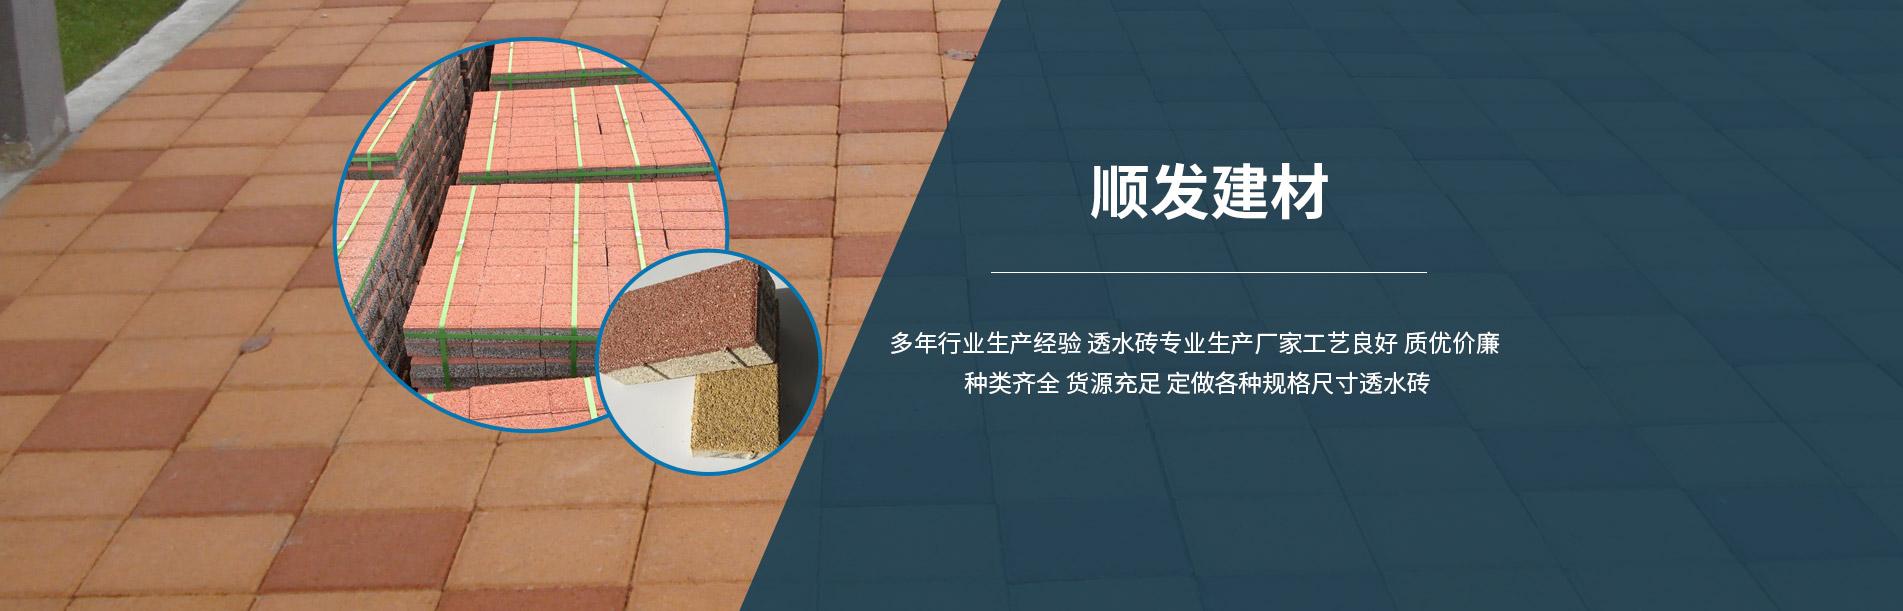 生态透水砖仿石pc砖厂家